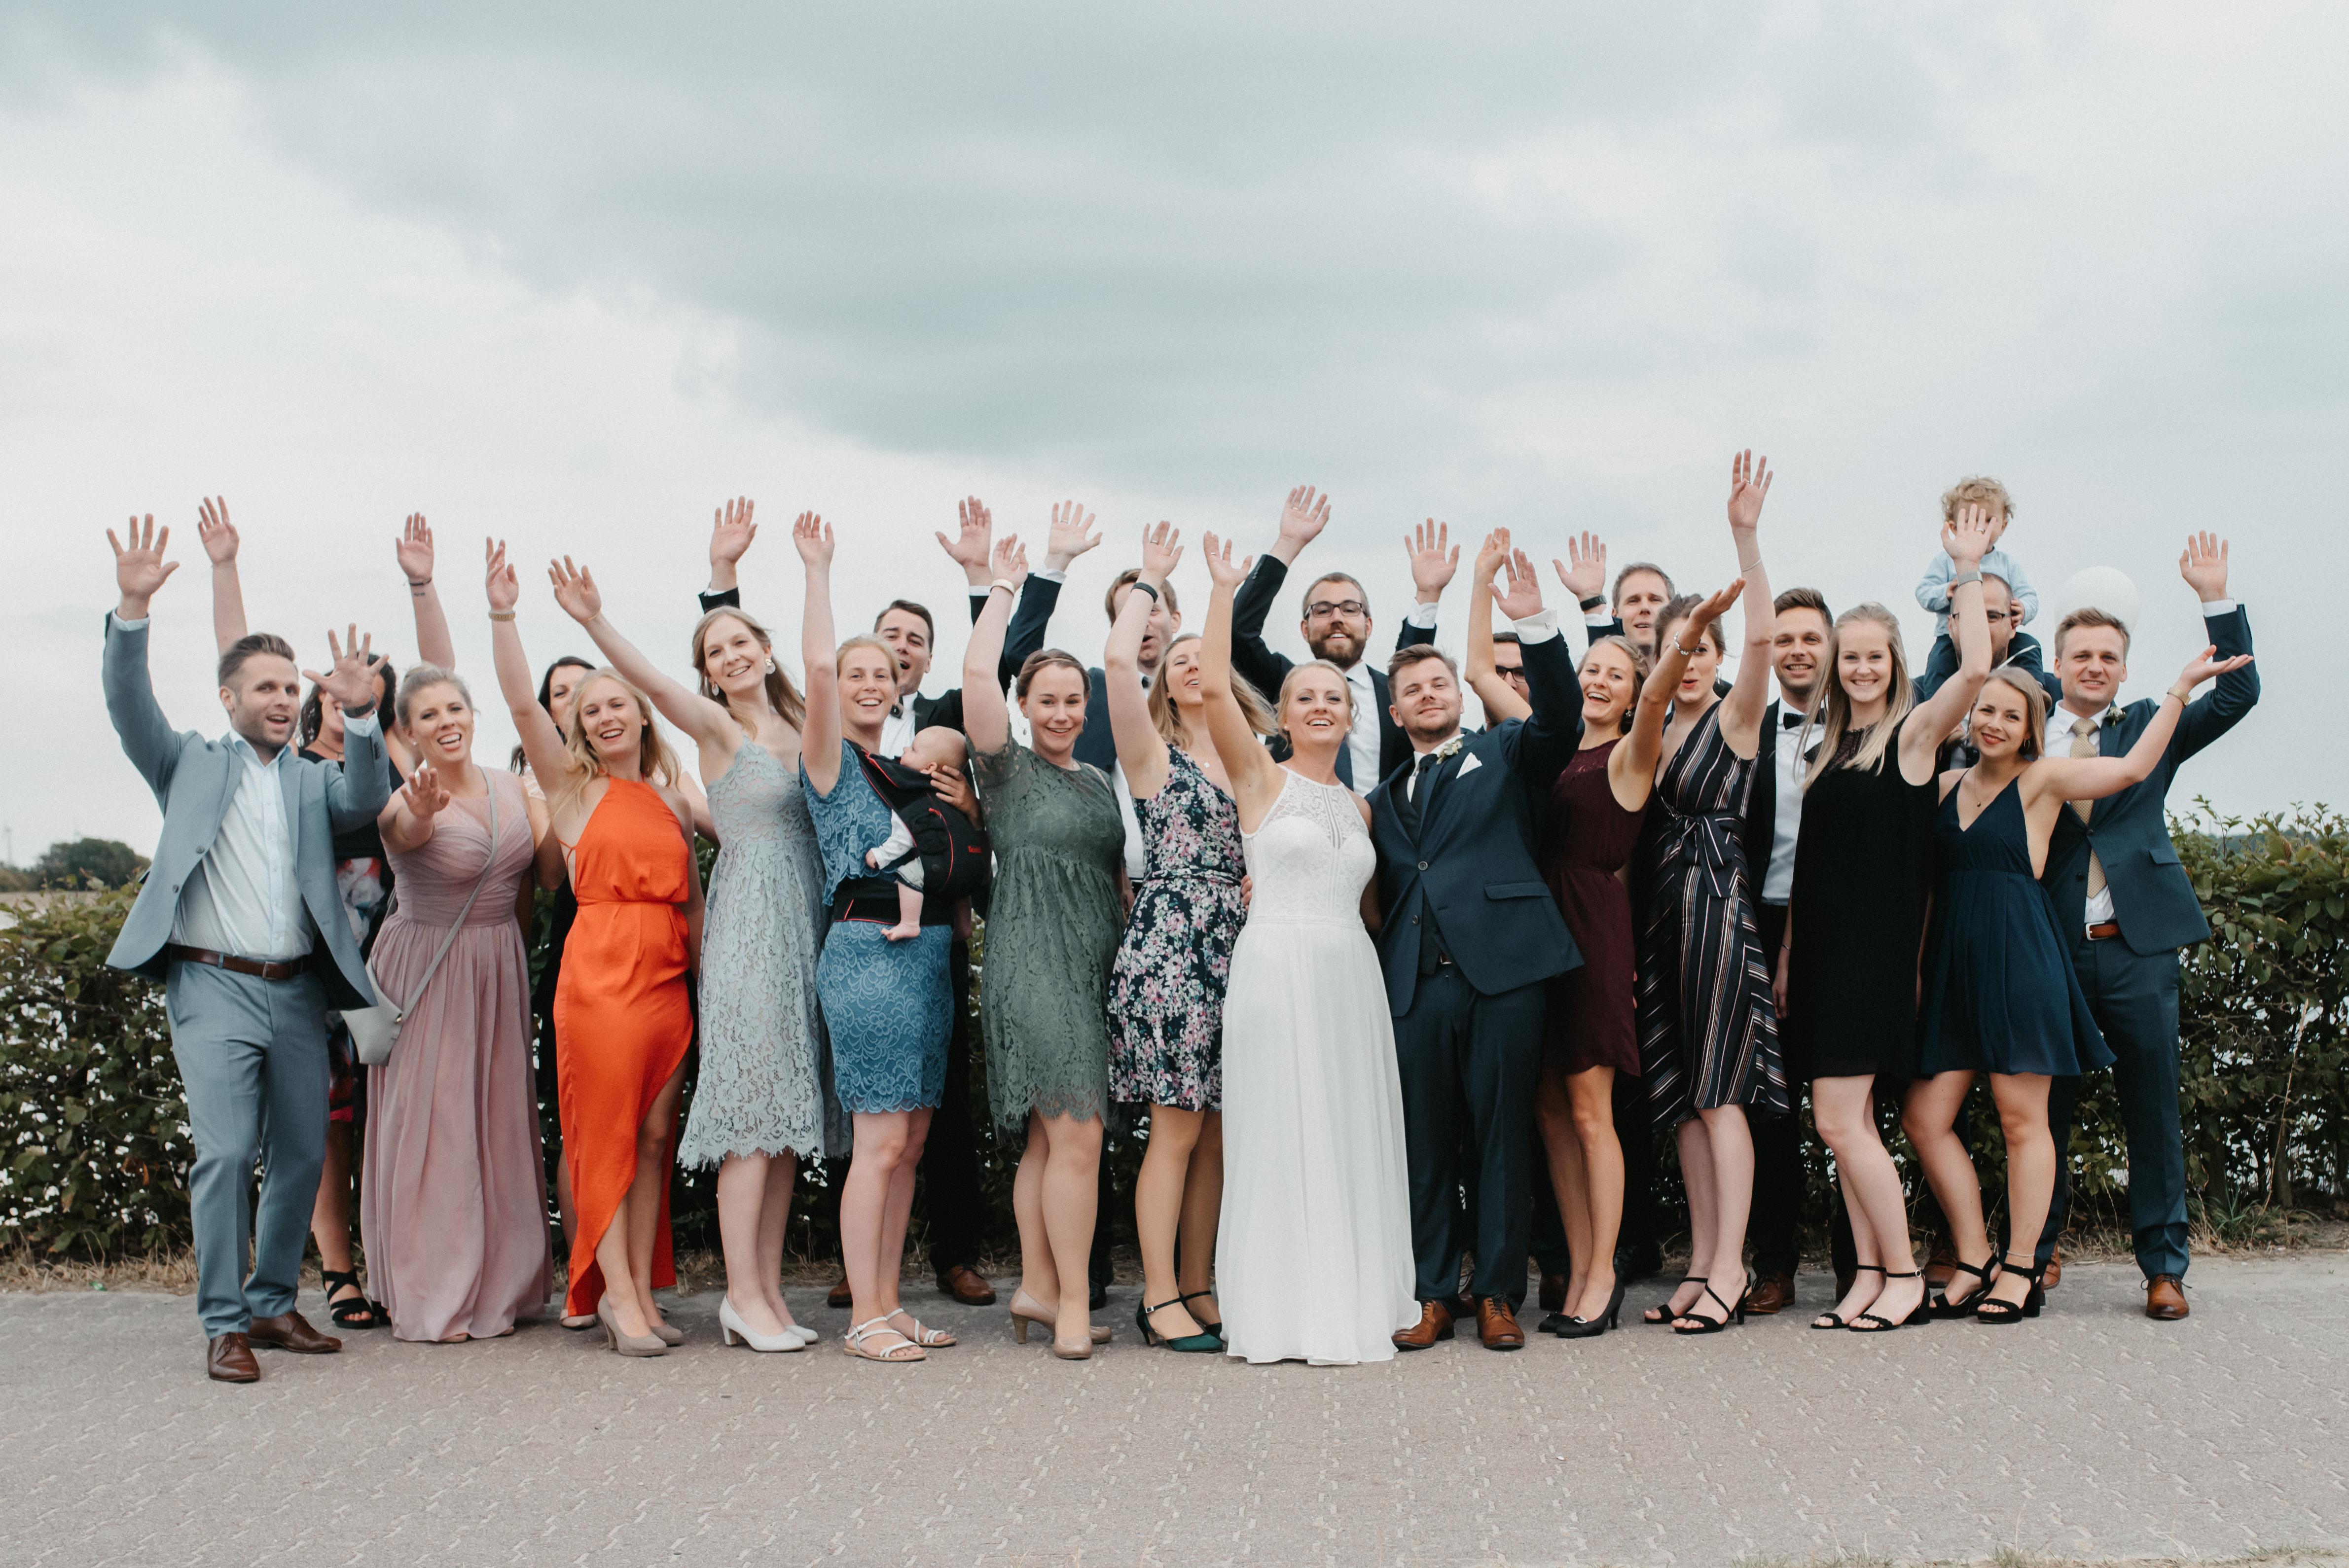 HochzeitWerner020819 (689 von 1113)